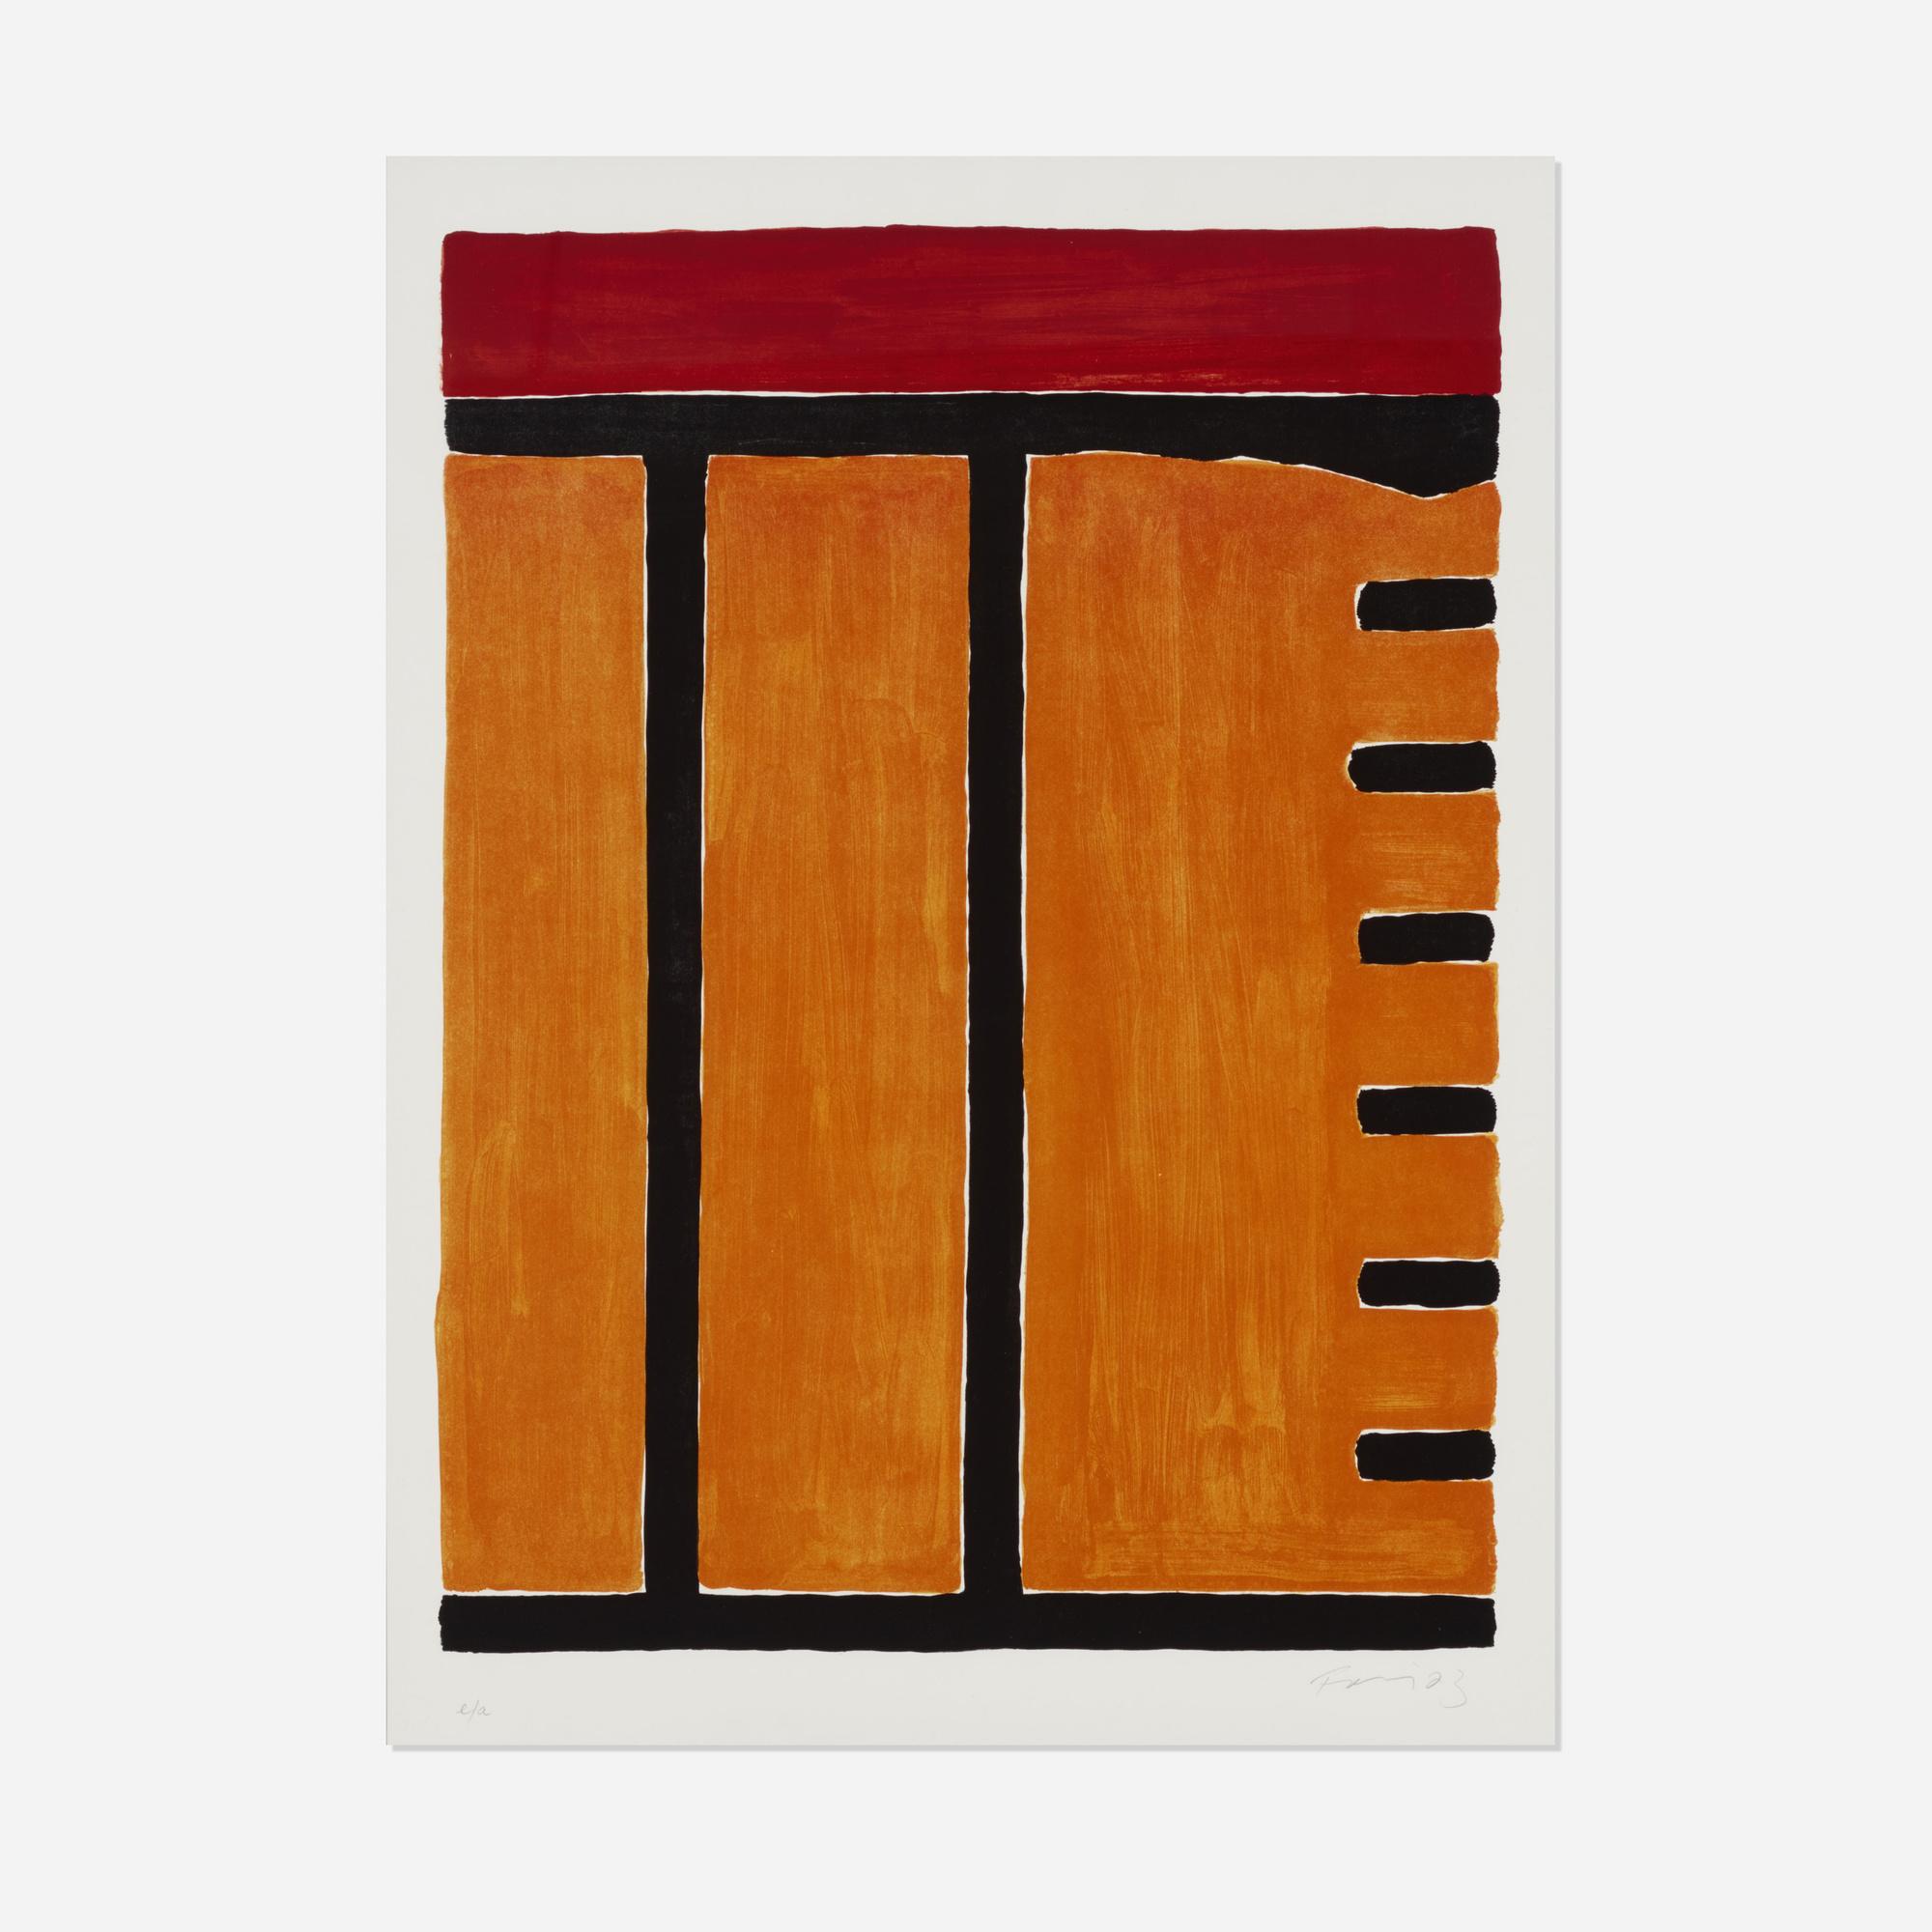 113: Günther Förg / Untitled (1 of 1)